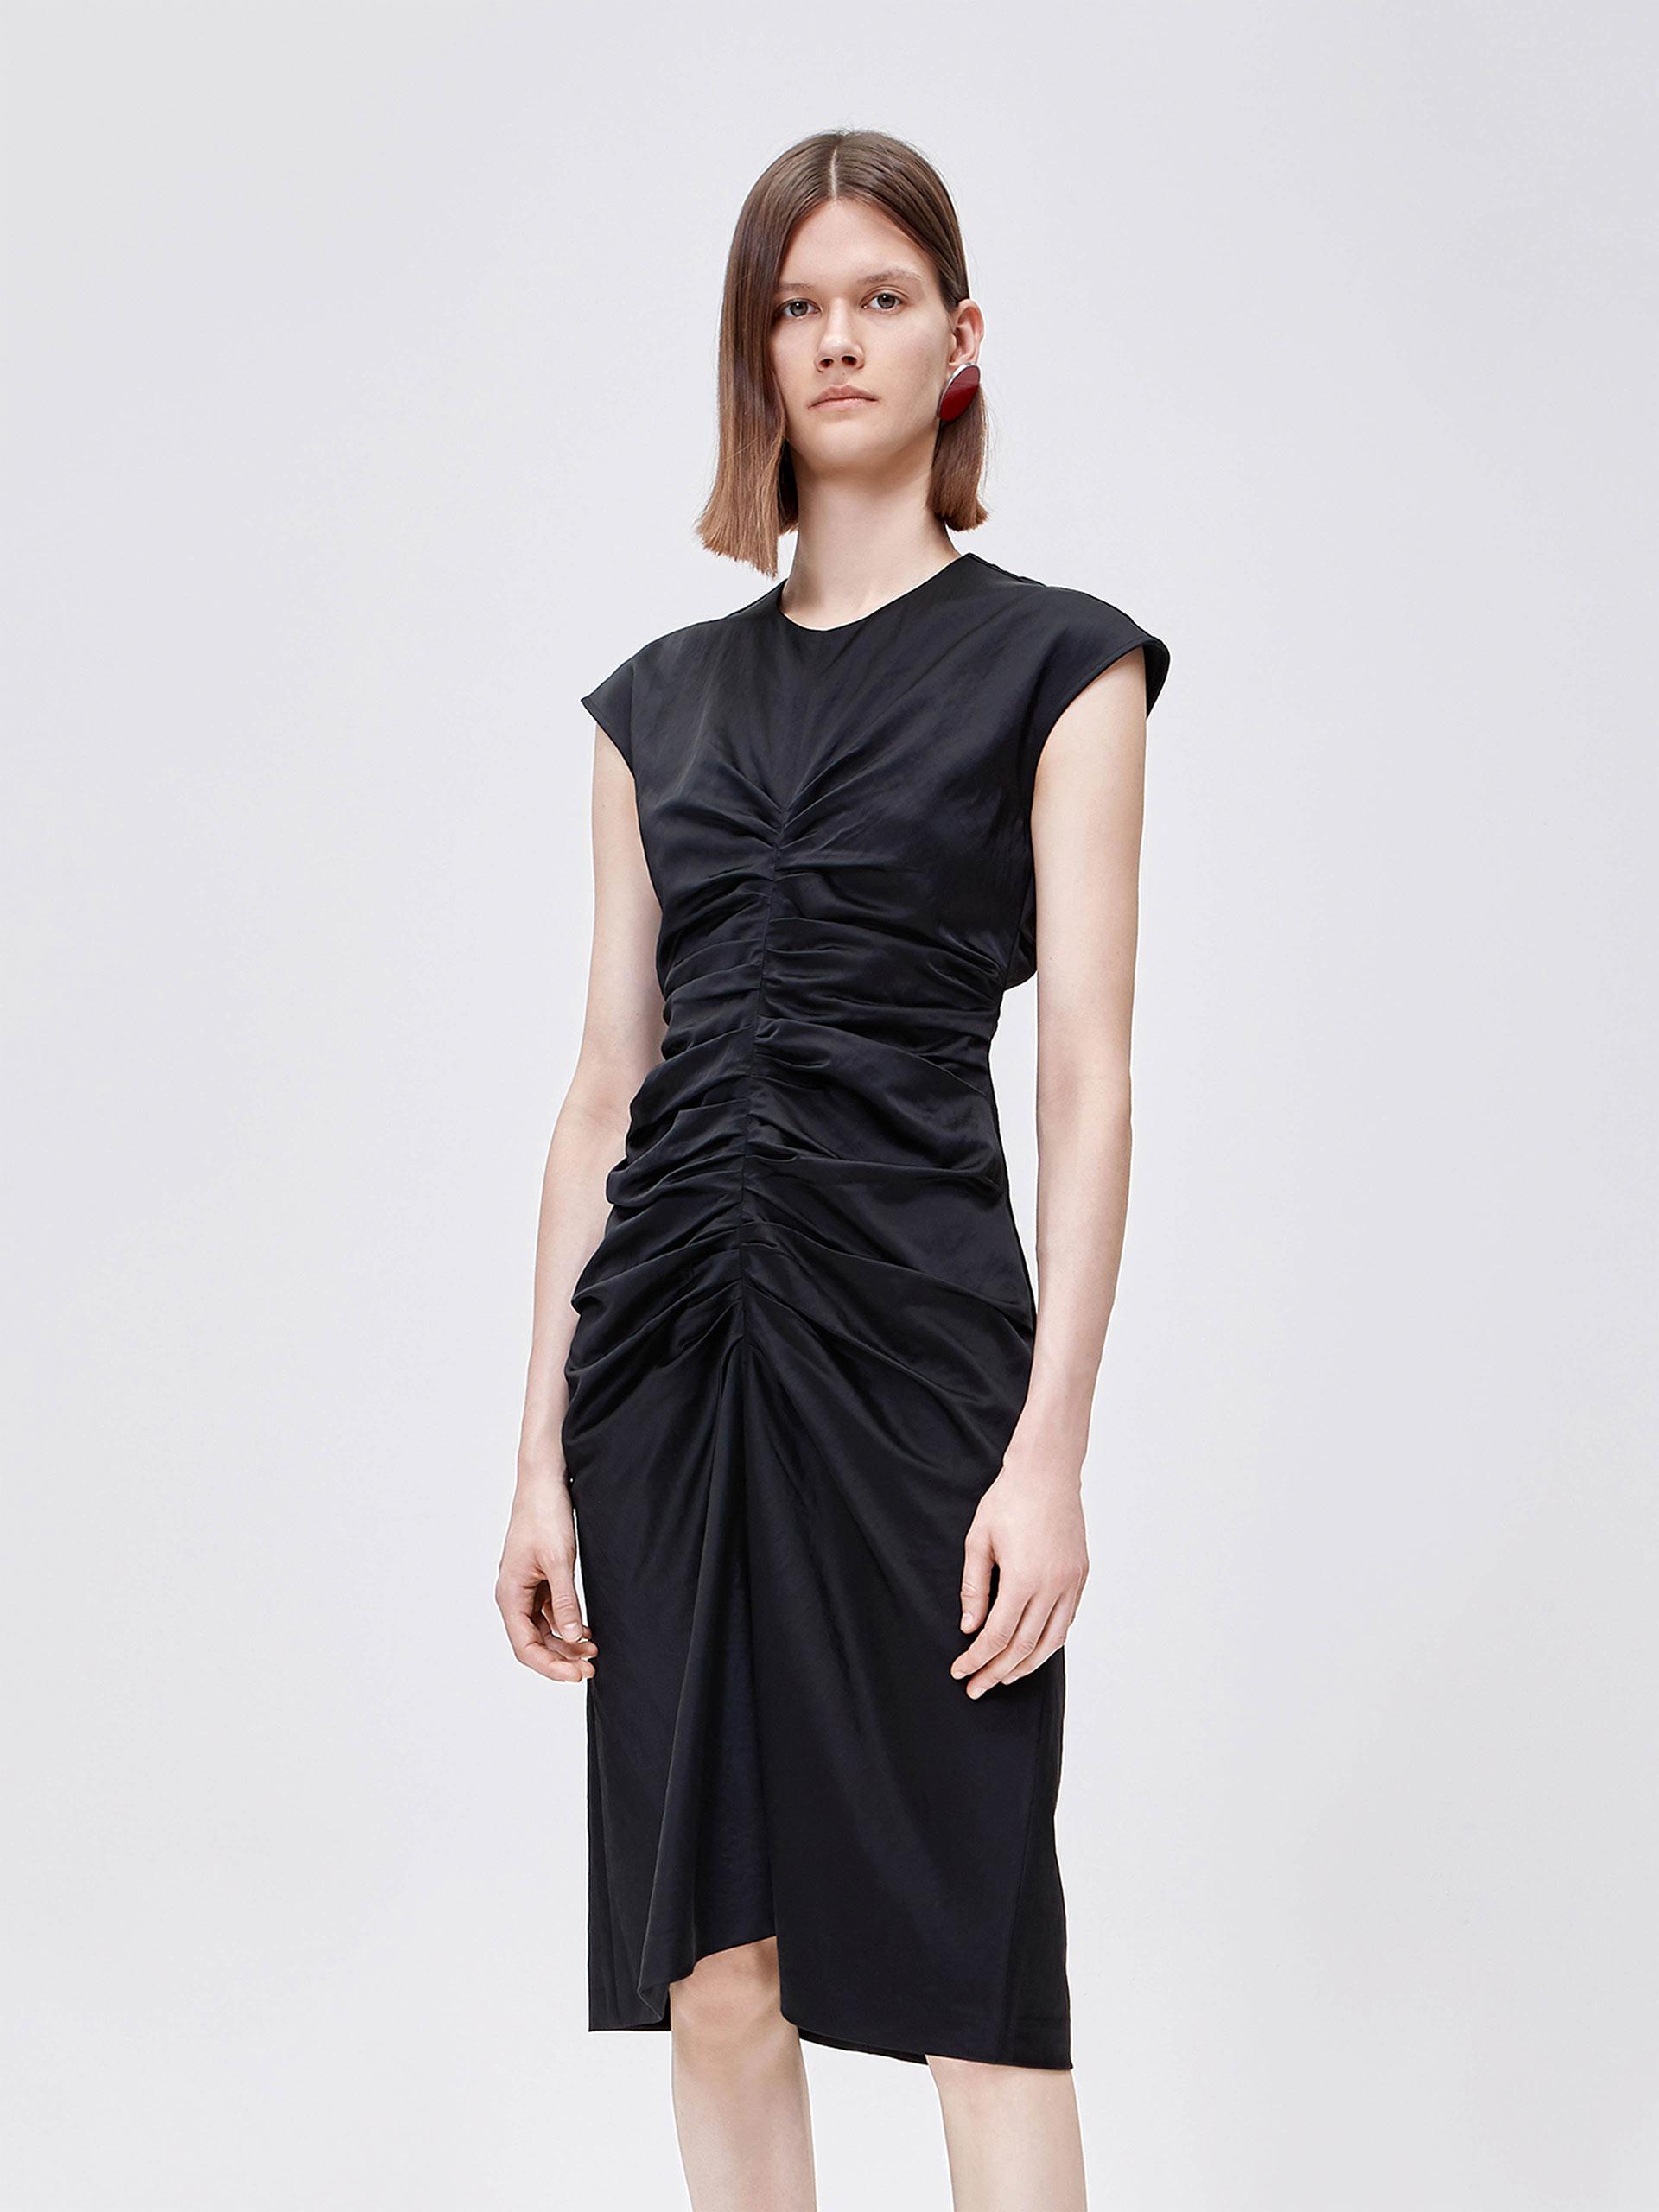 立裁褶皱小黑裙